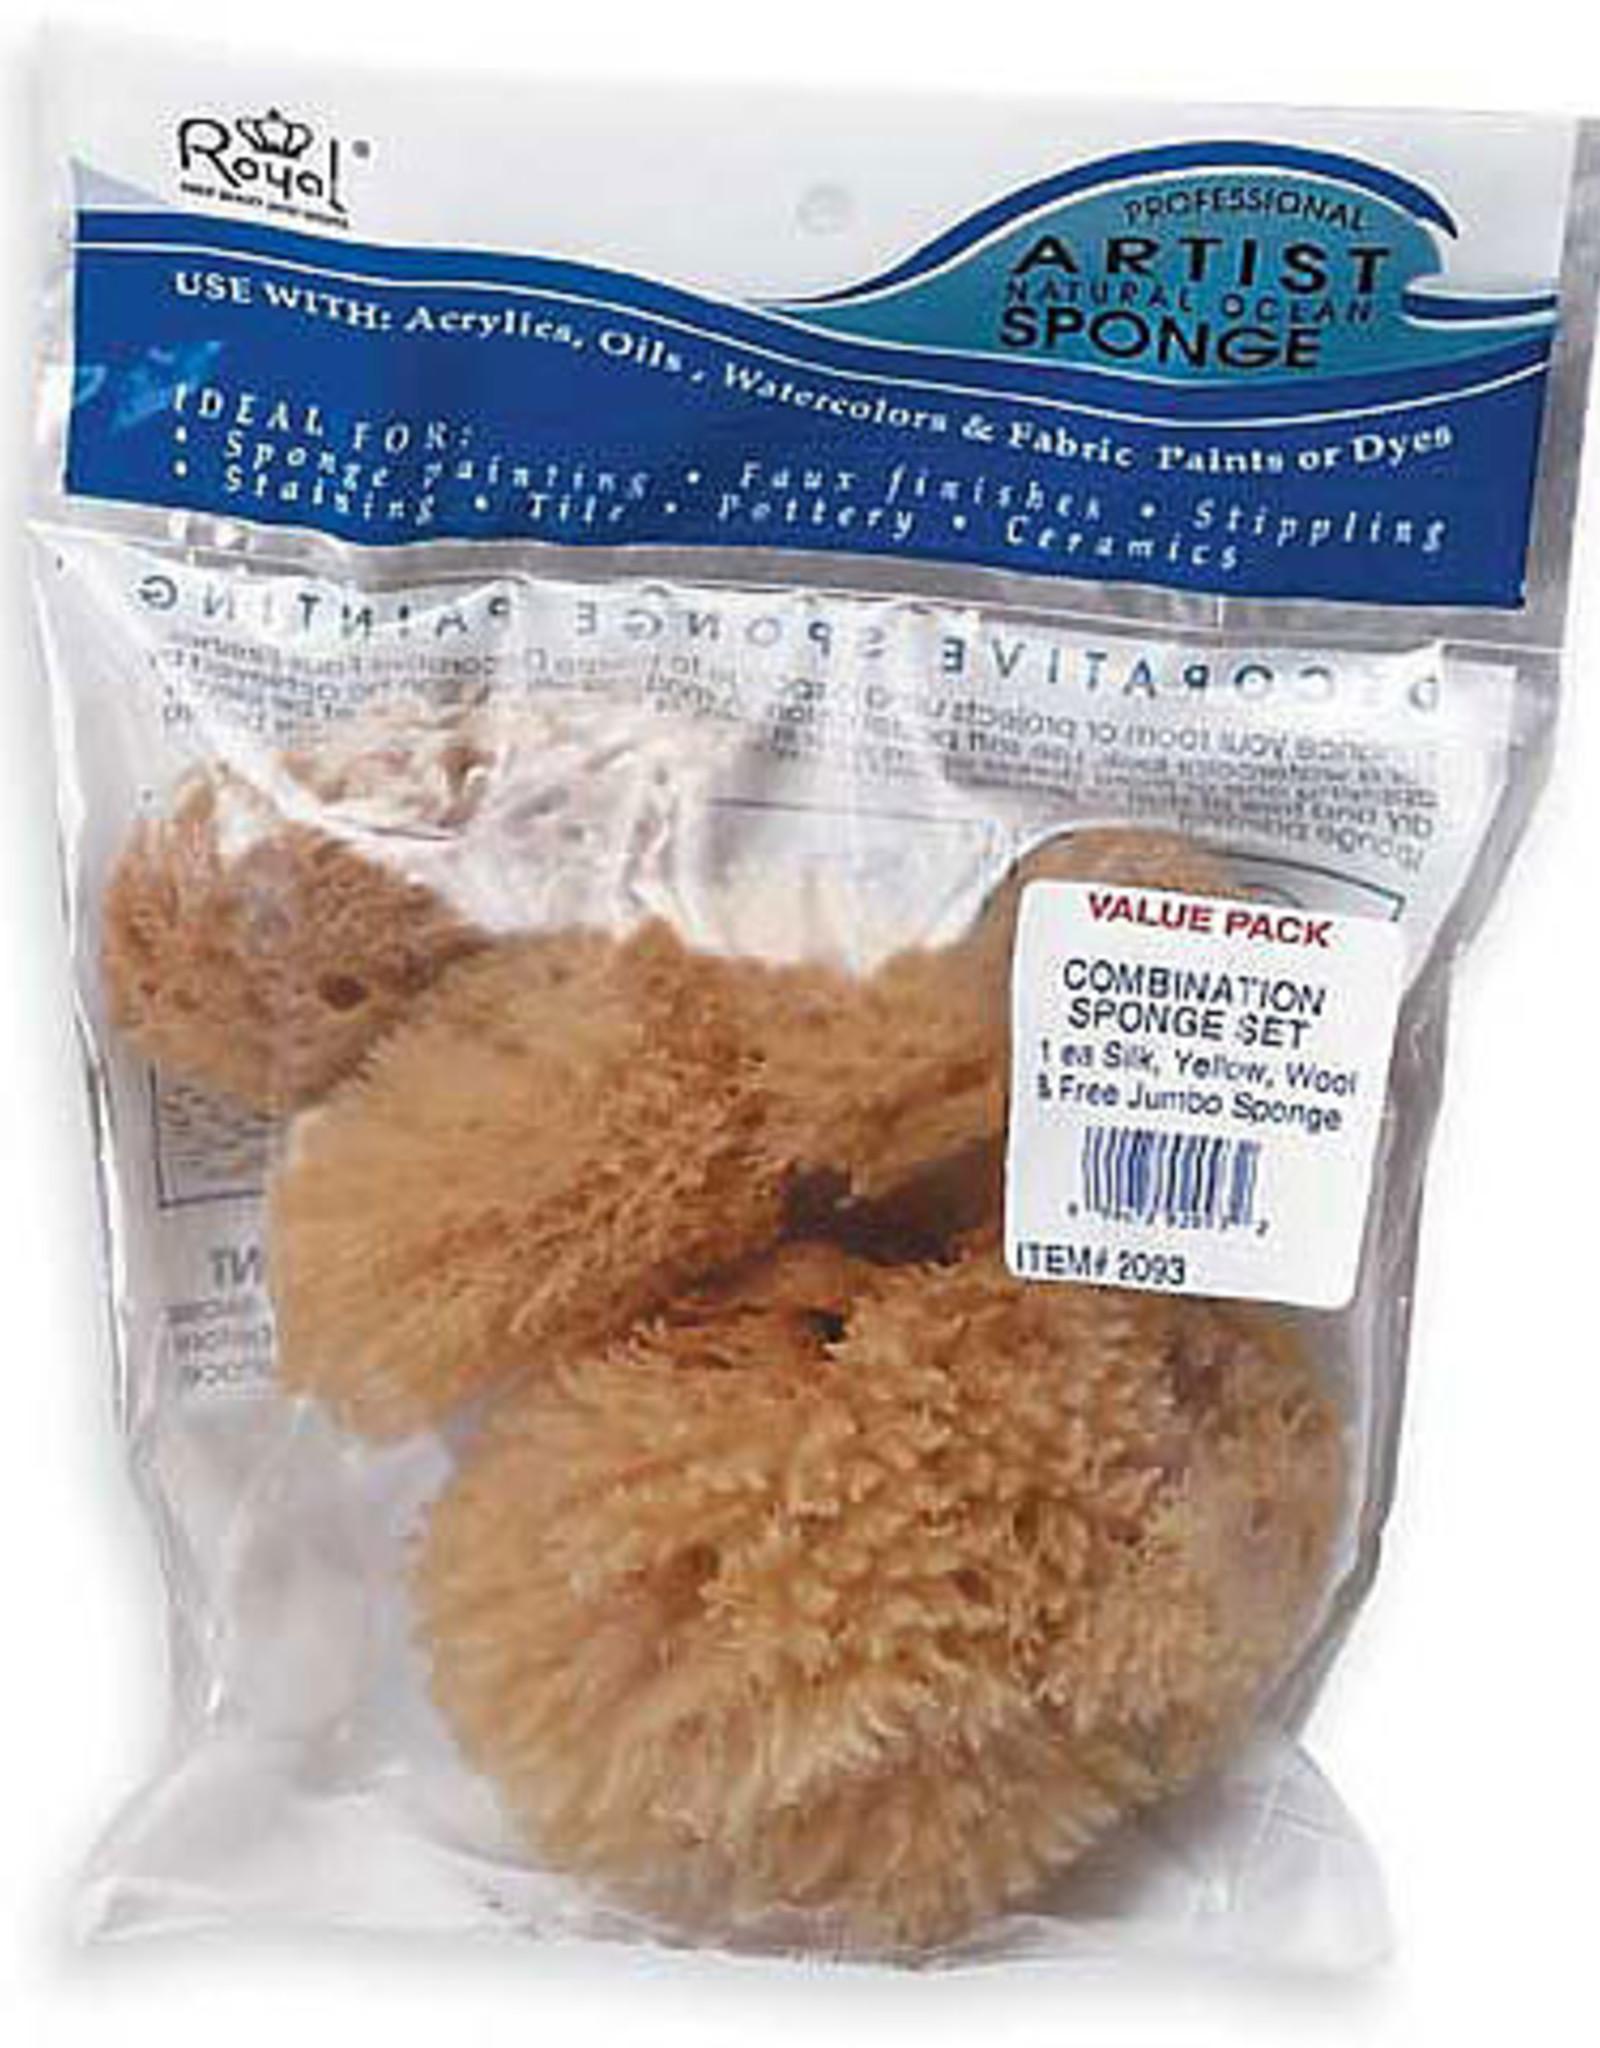 Sea Sponge 4 packs